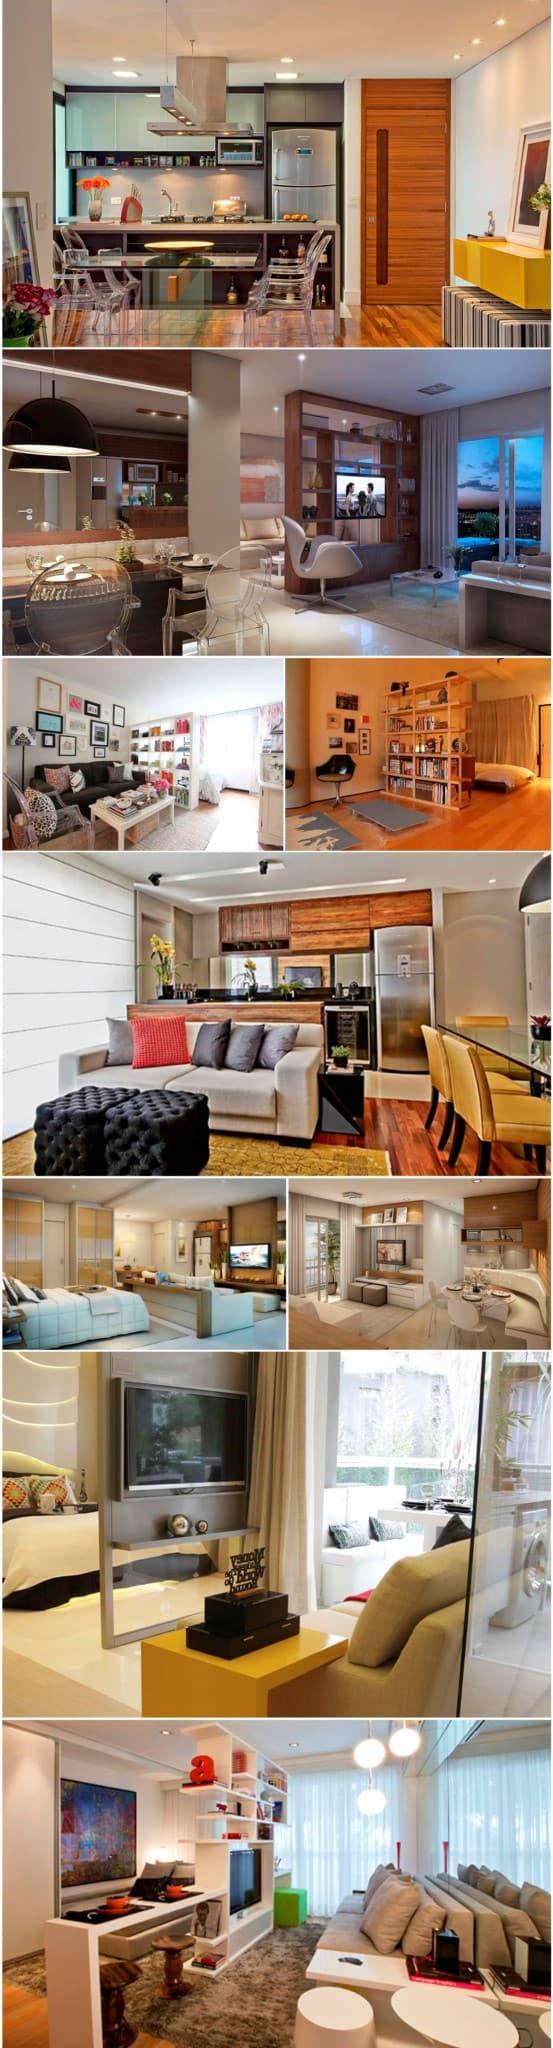 decoração de apartamento pequeno e simples-intro